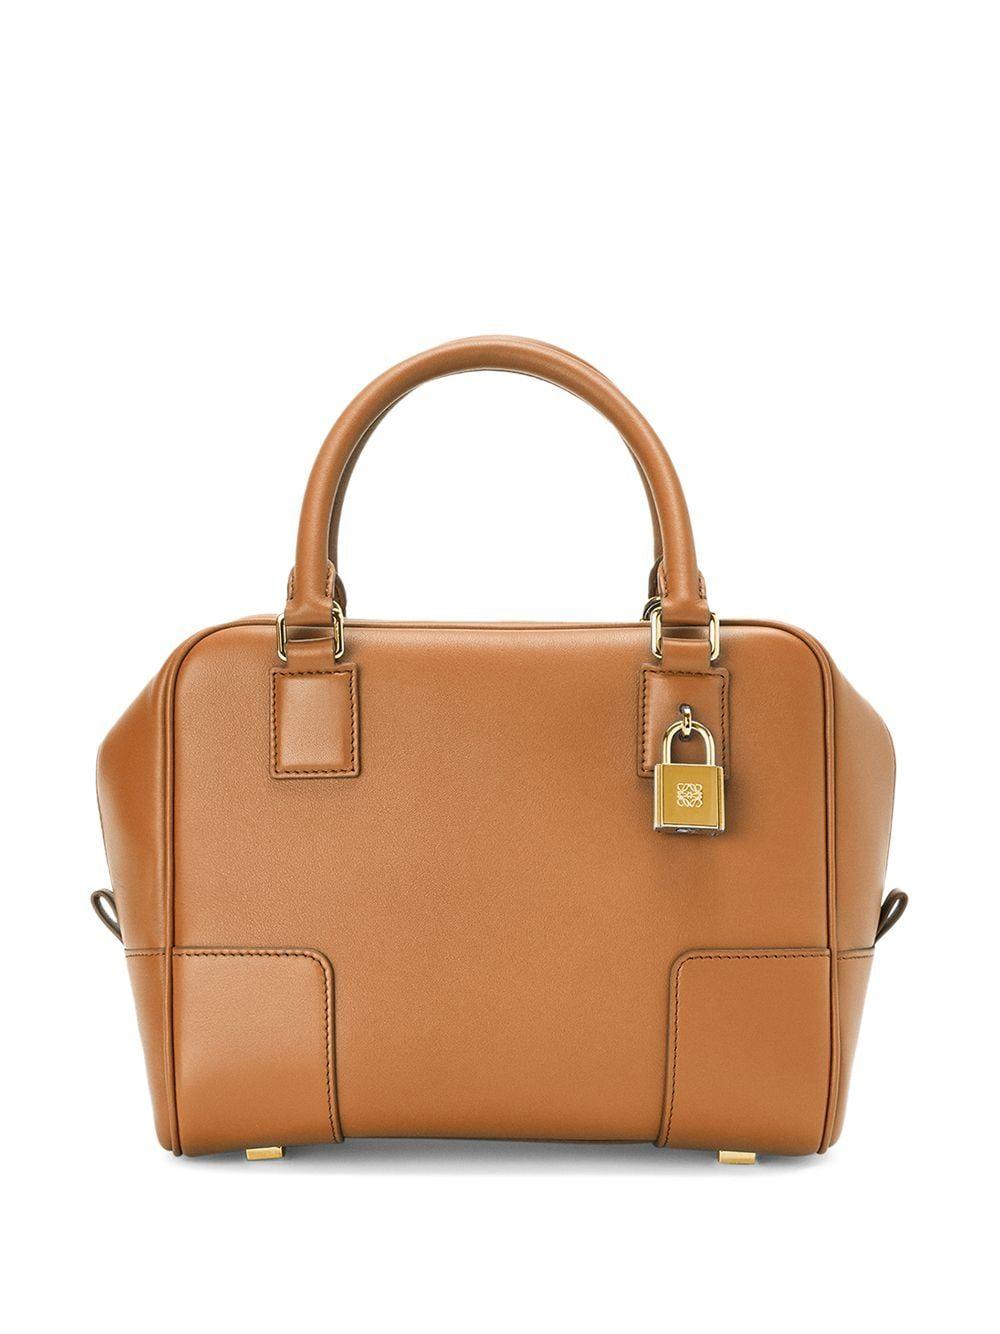 Loewe bags.. brown